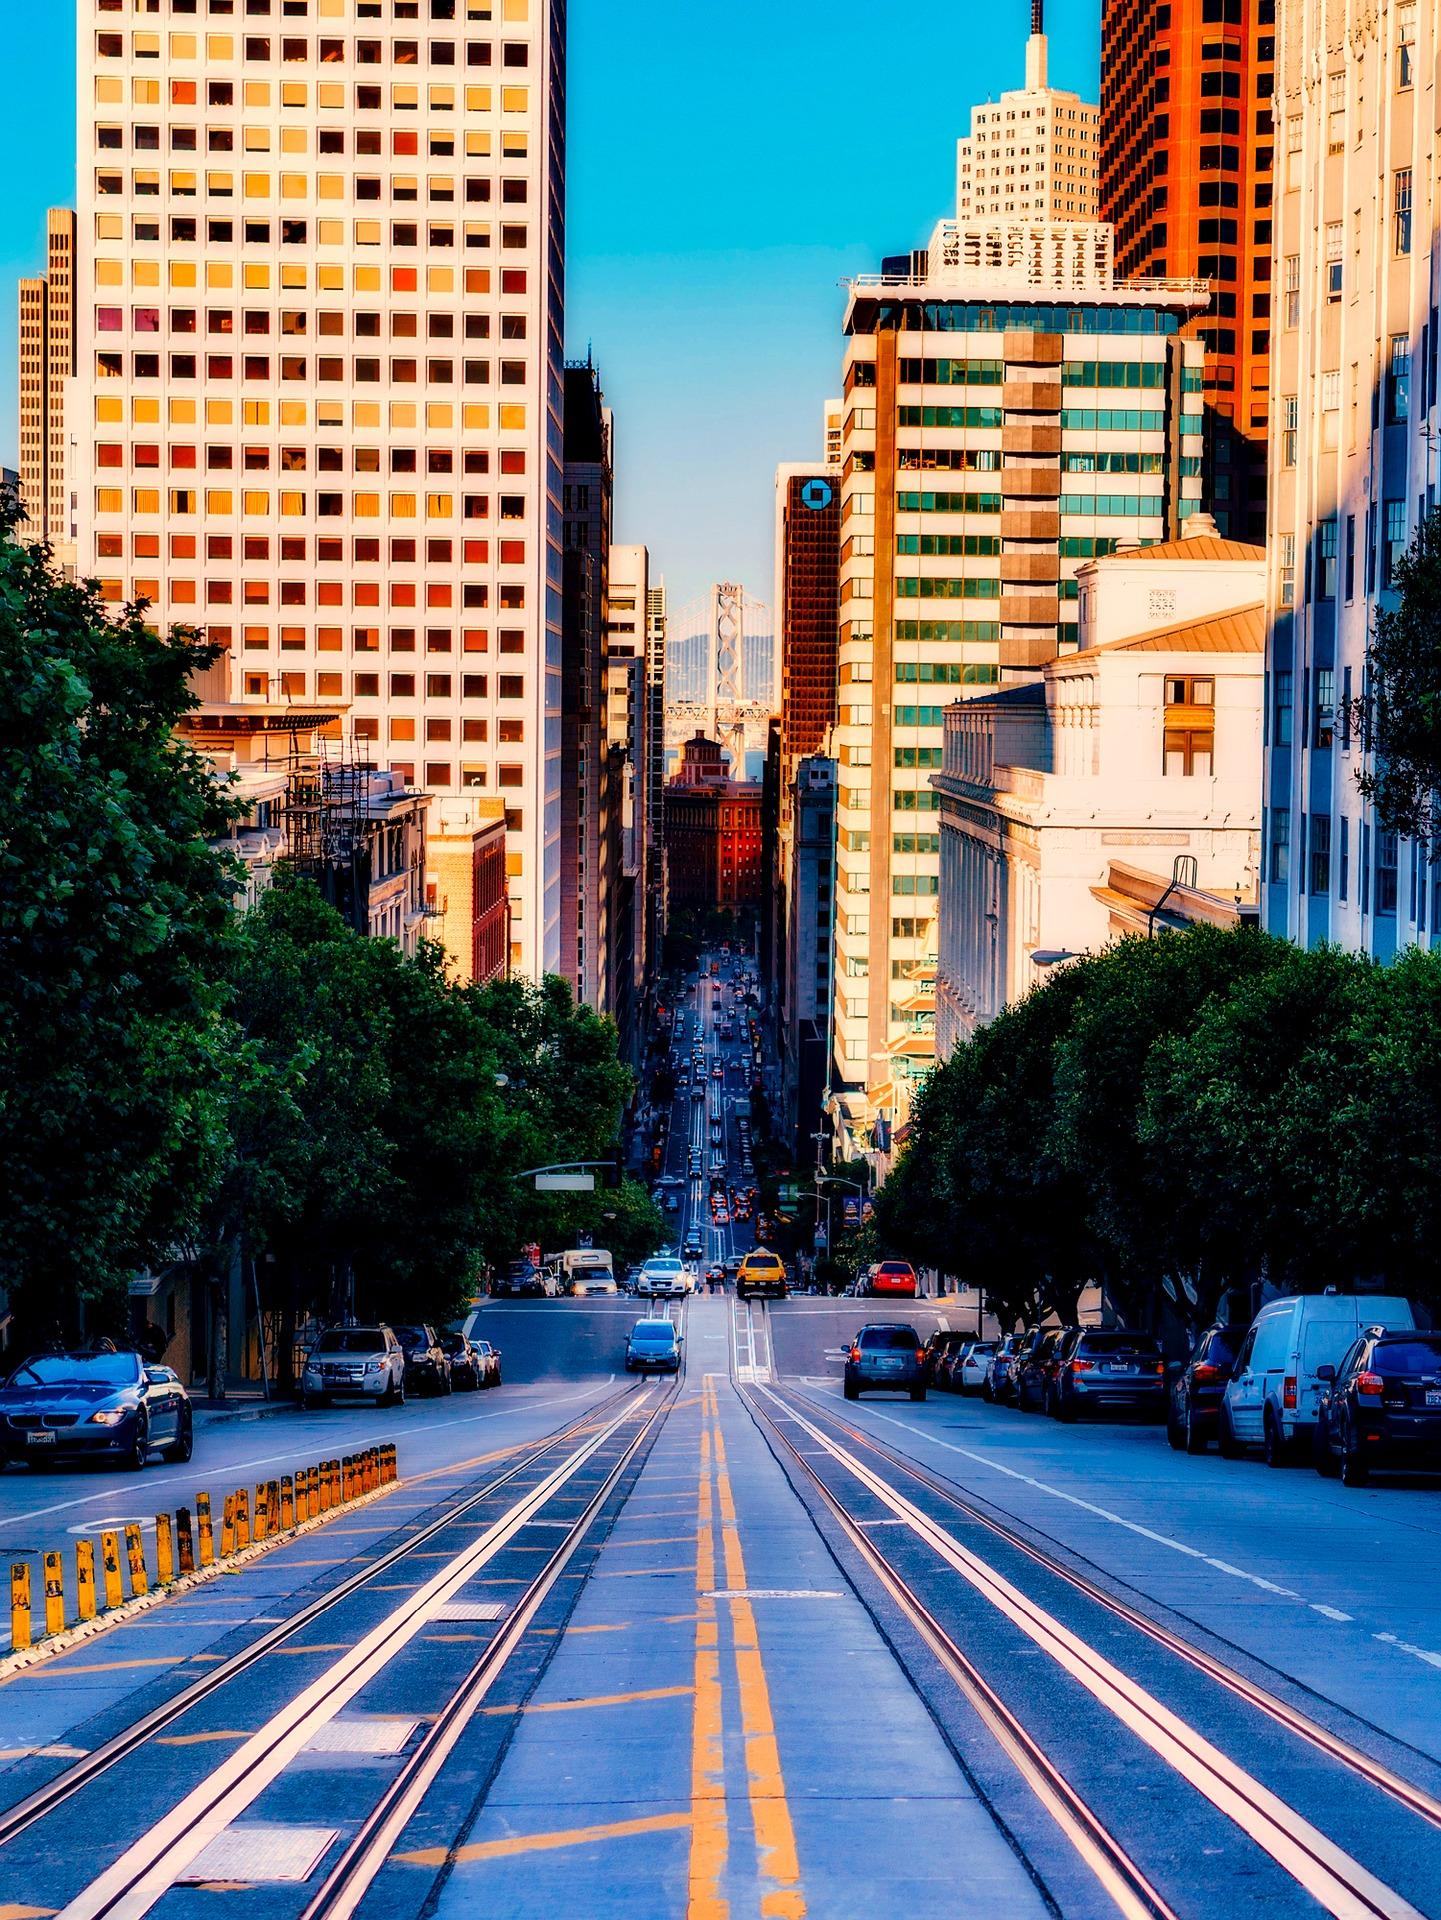 background thành phố đẹp hiện đại hối hả